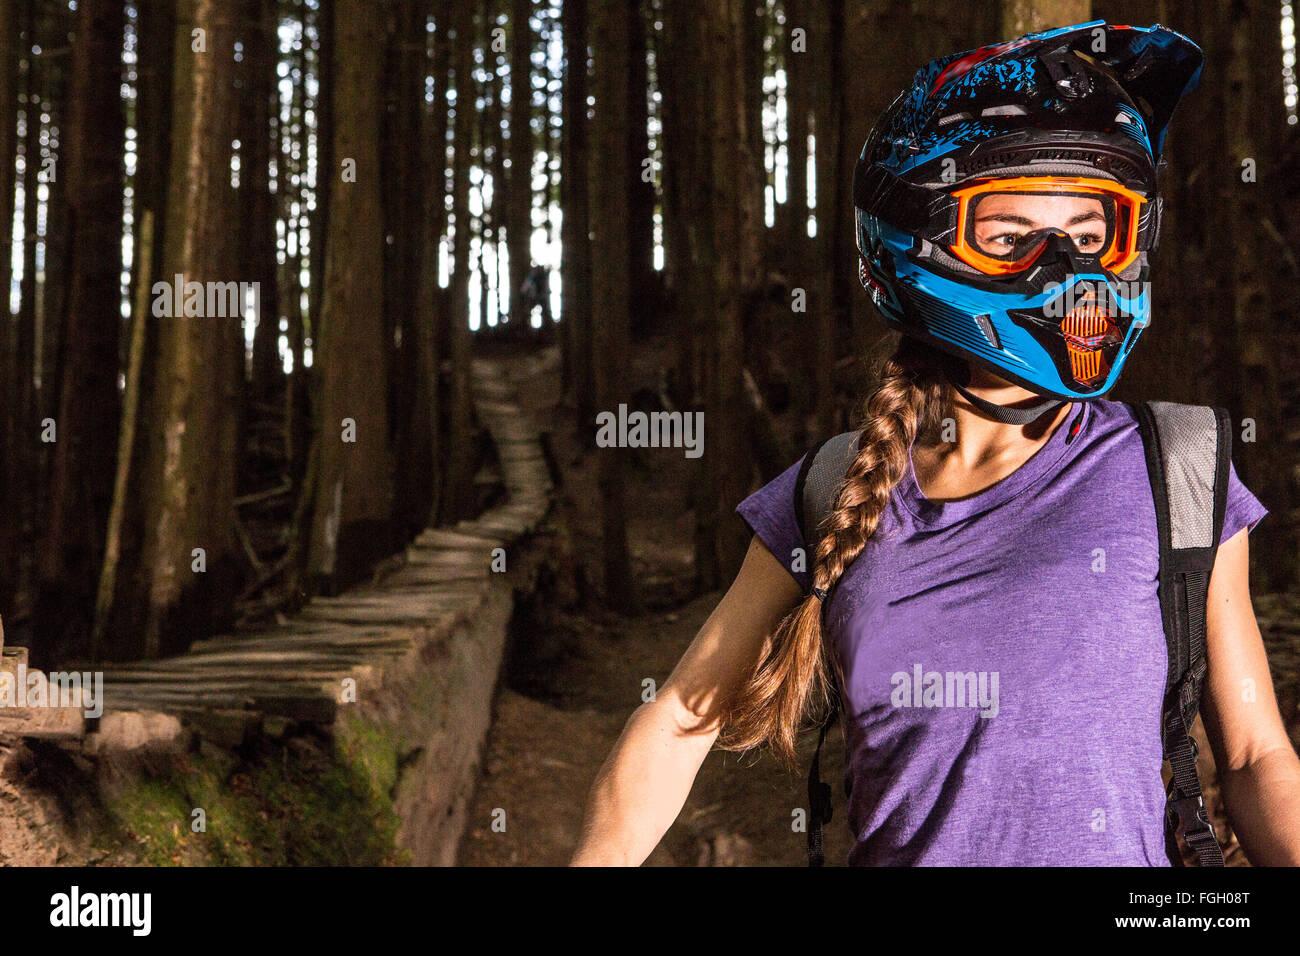 Mountain Biking - Stock Image